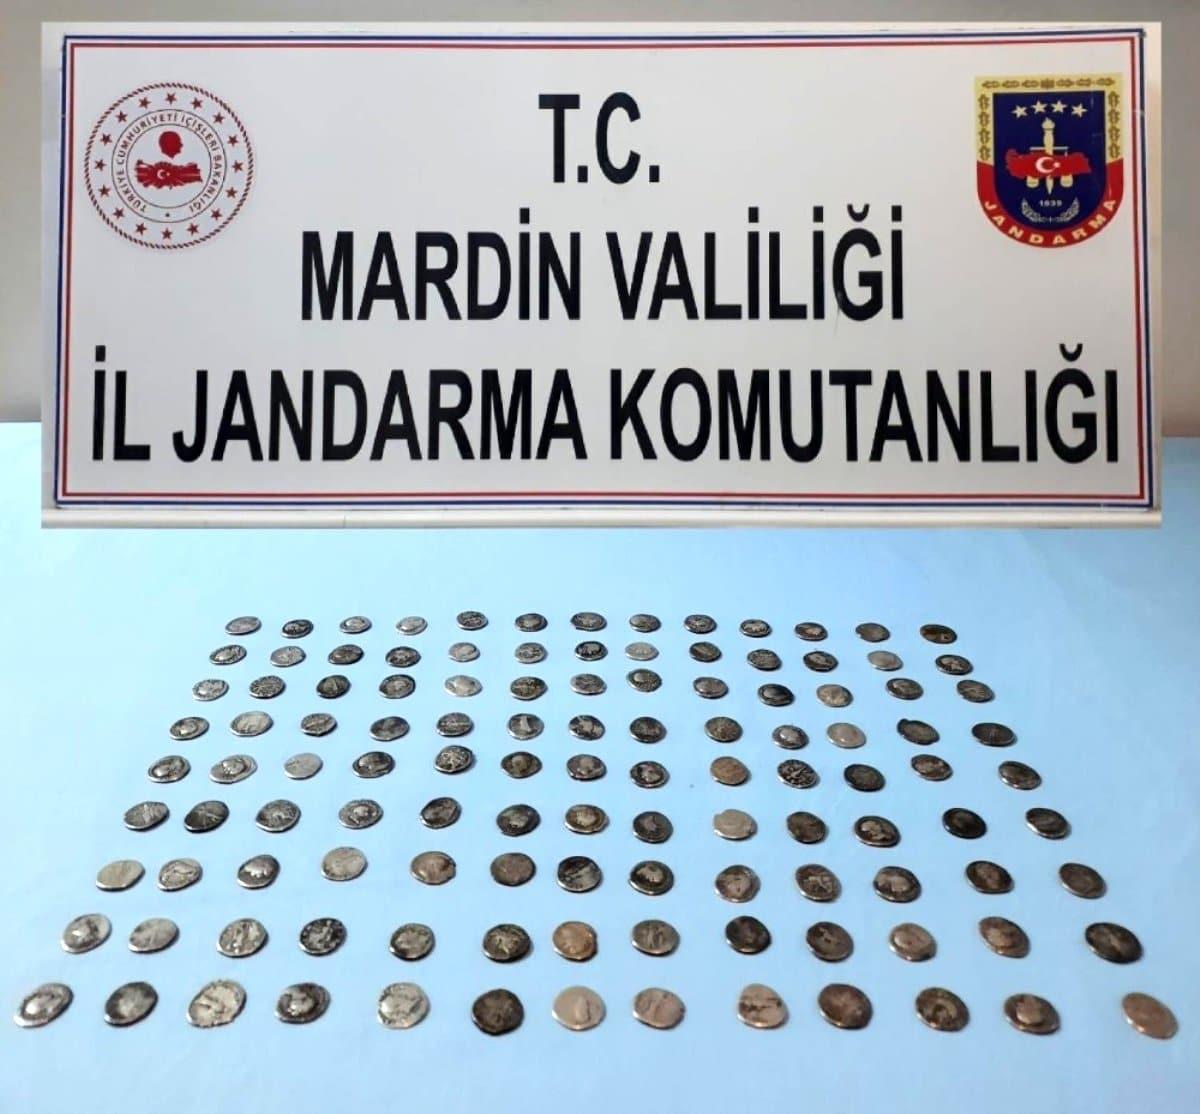 Mardin'de tarihi eser kaçakçılığı operasyonu!